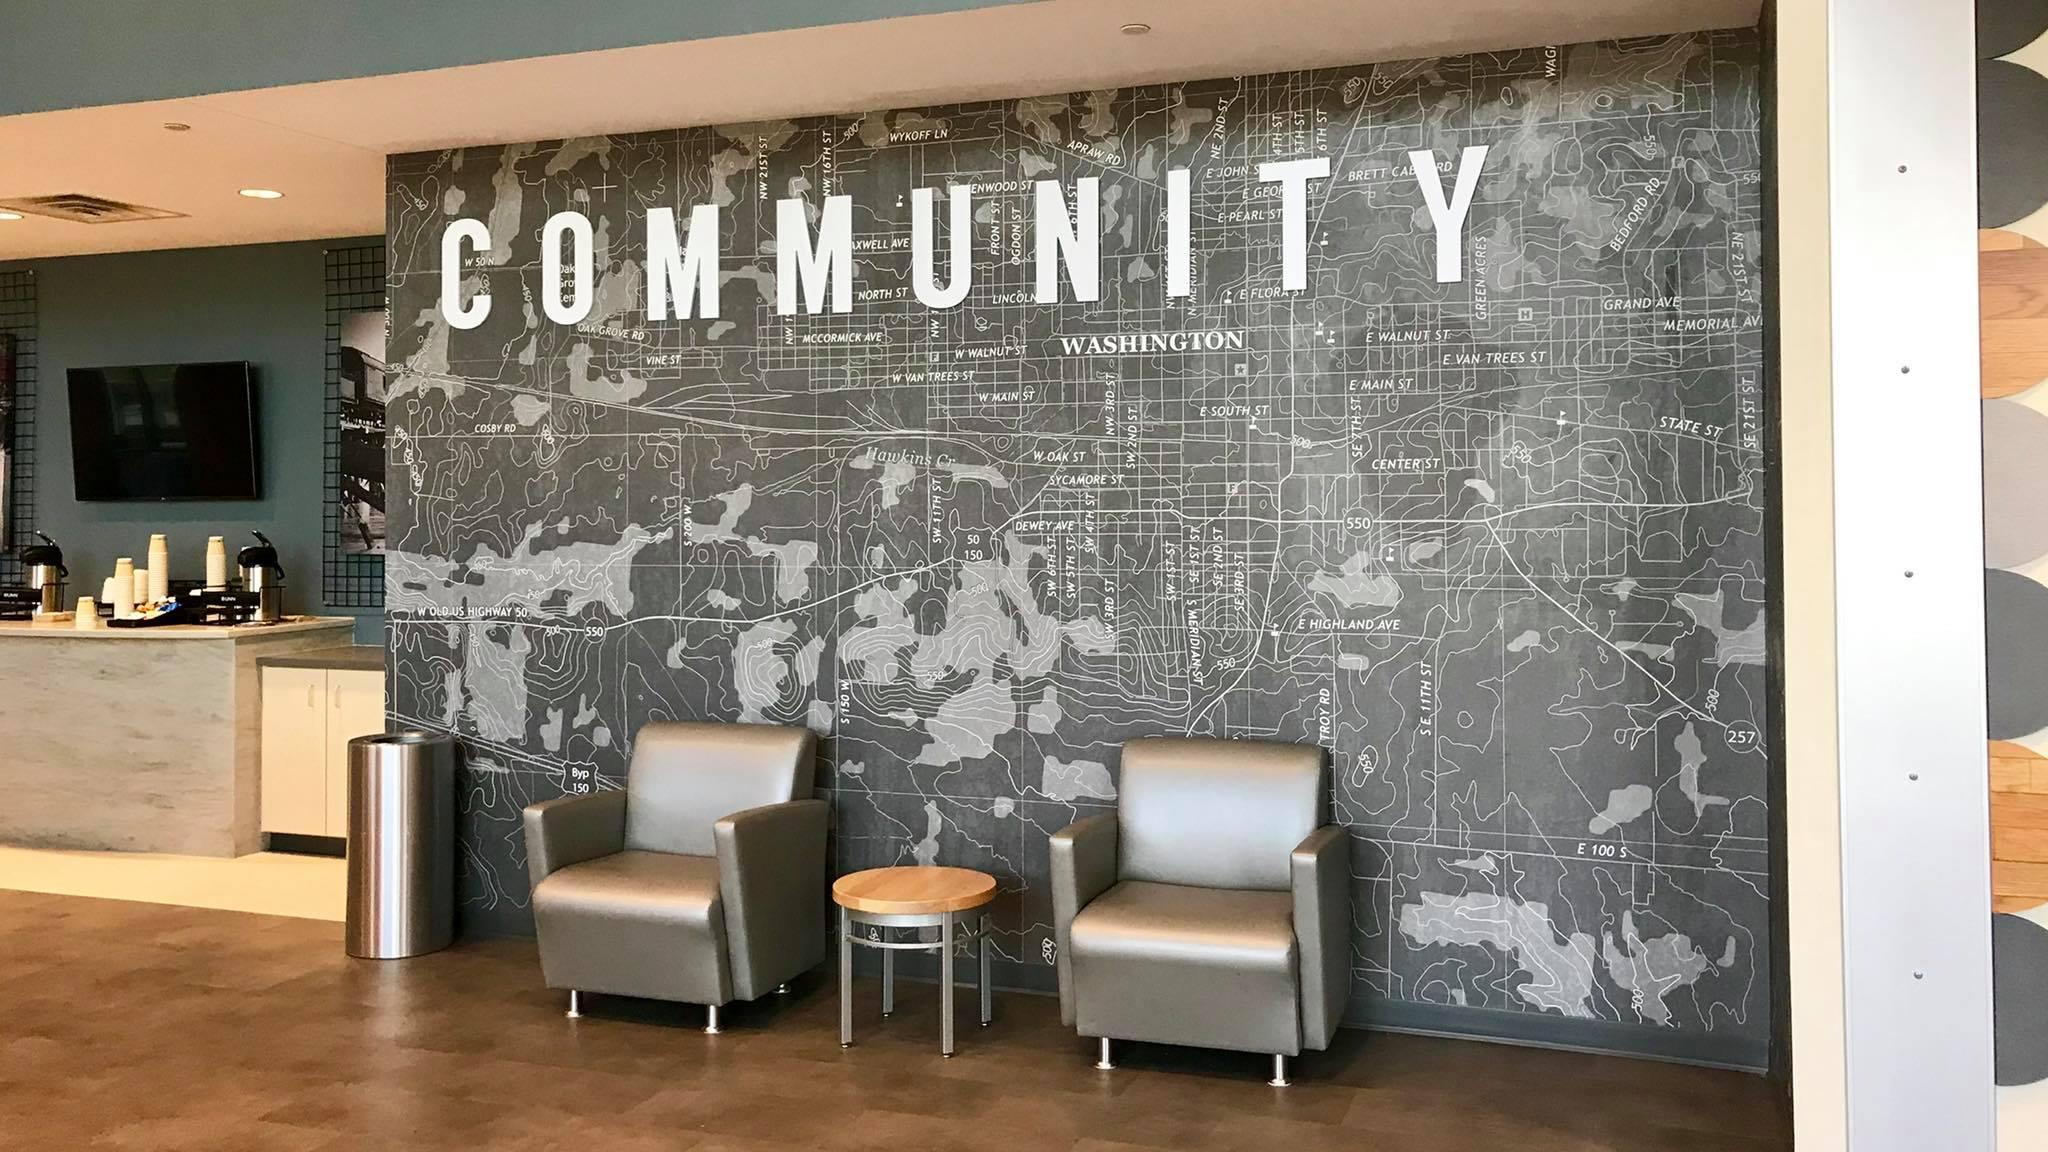 Bethany Community Wall